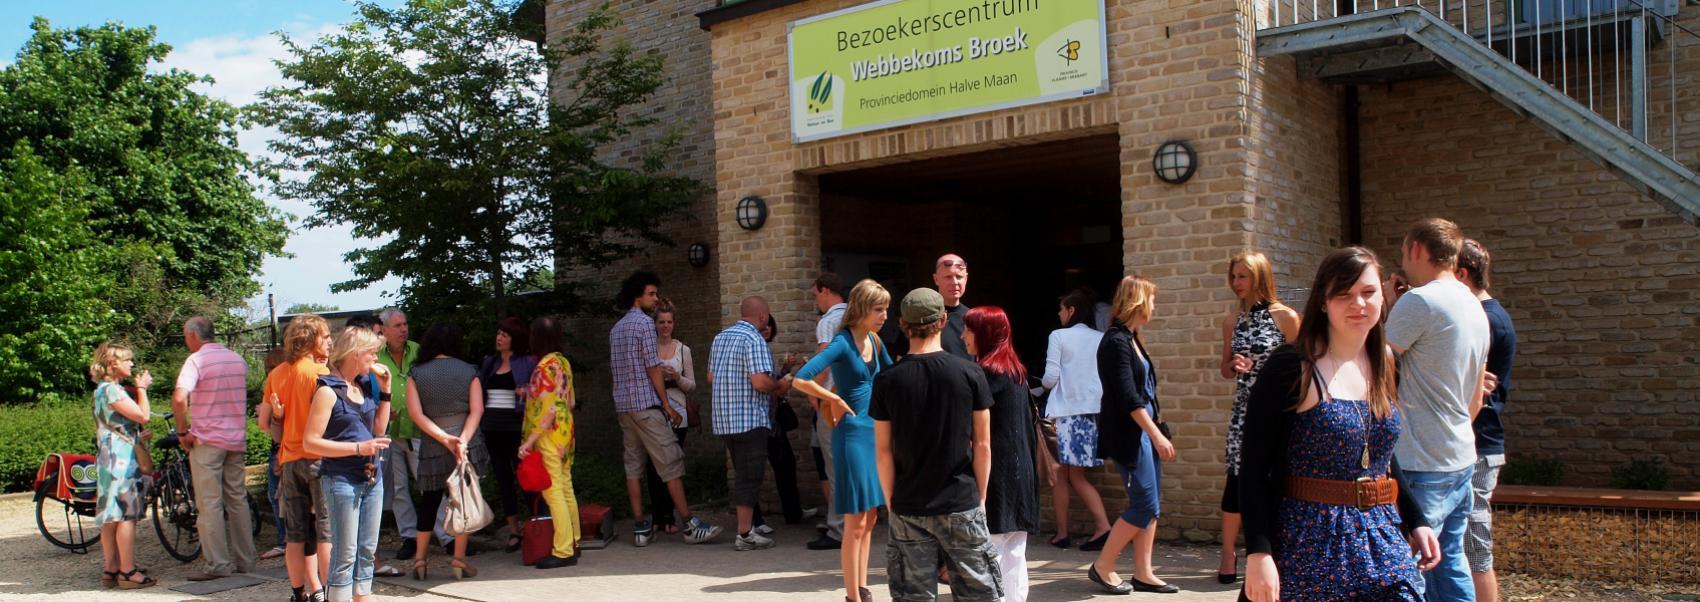 Bezoekerscentrum Webbekoms Broek